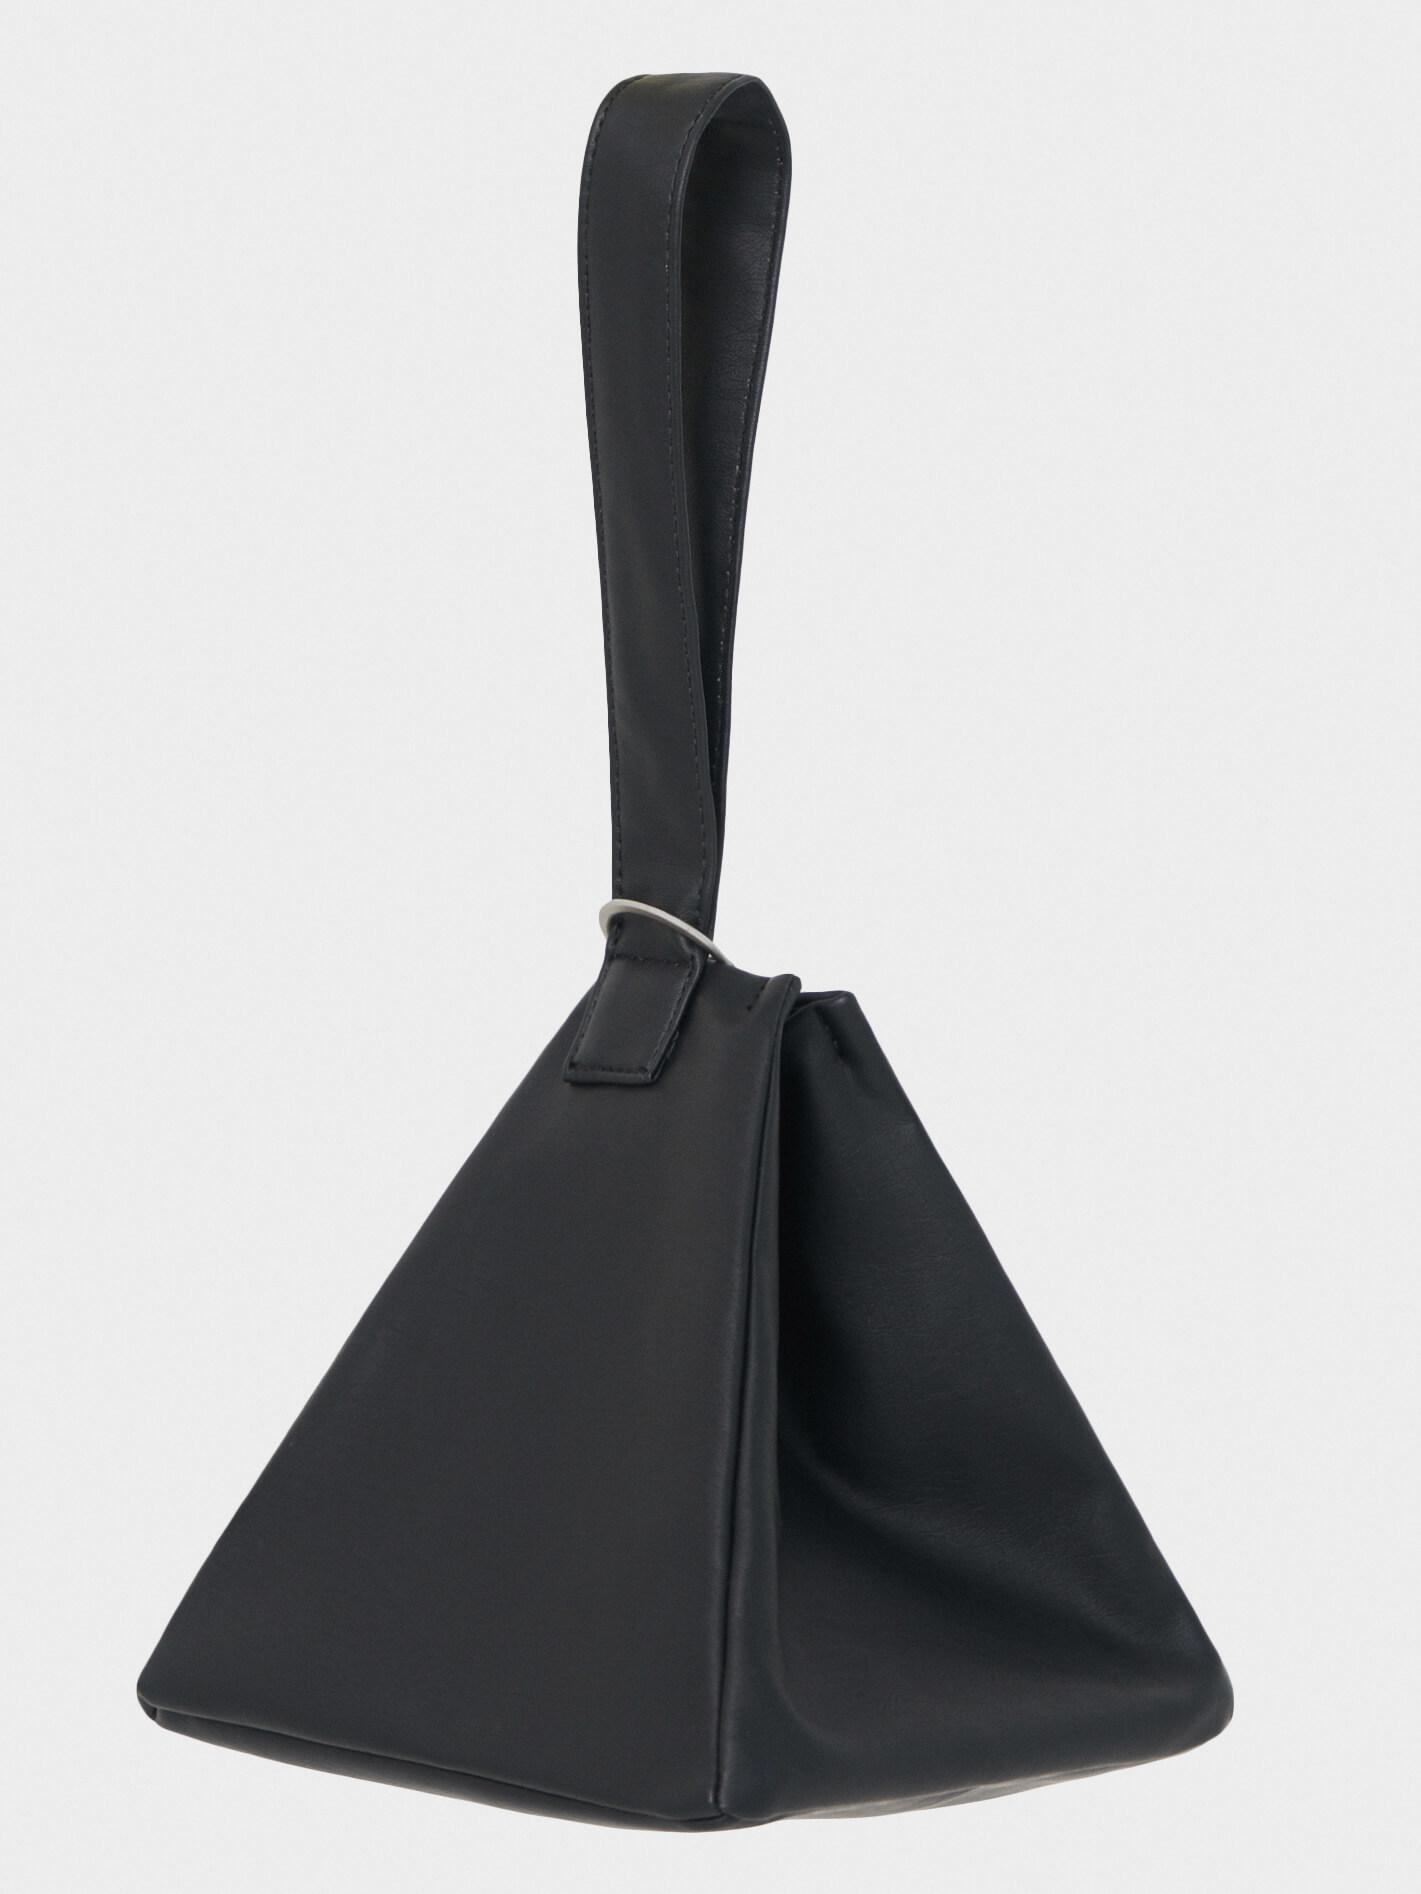 Сумка треугольная Samira из экокожи